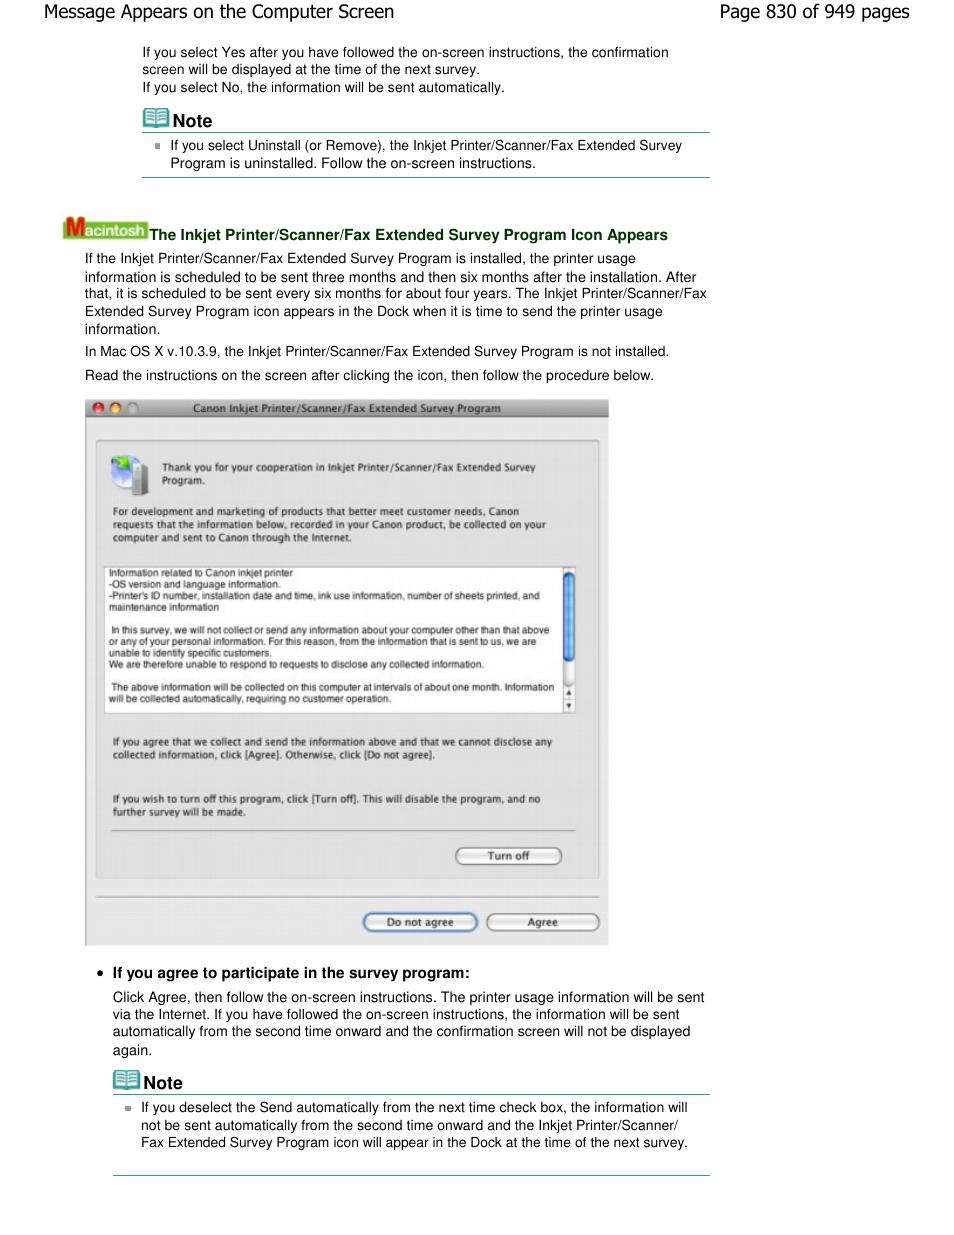 Canon PIXMA MP560 User Manual   Page 830 / 949